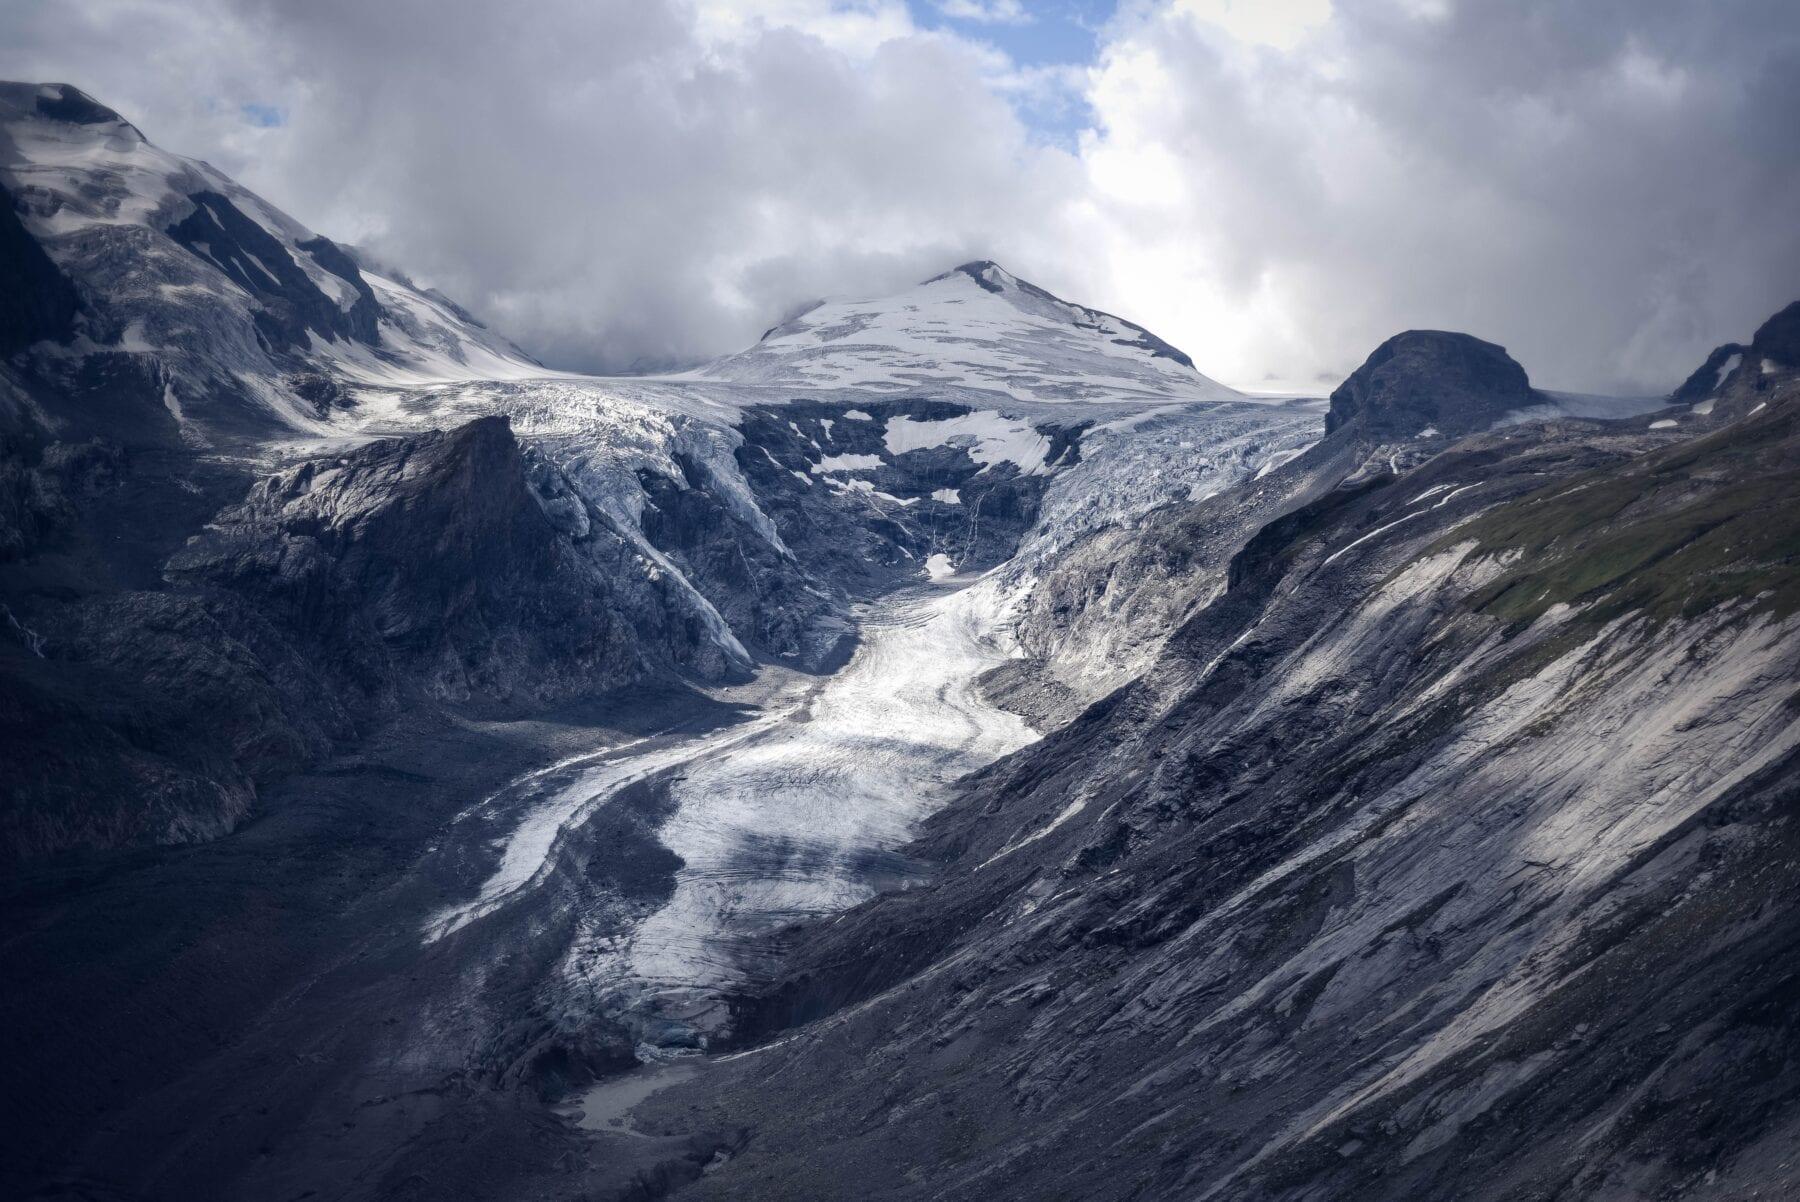 De Pasterze Gletsjer hoort in het rijtje van mooiste gletsjers van Europa